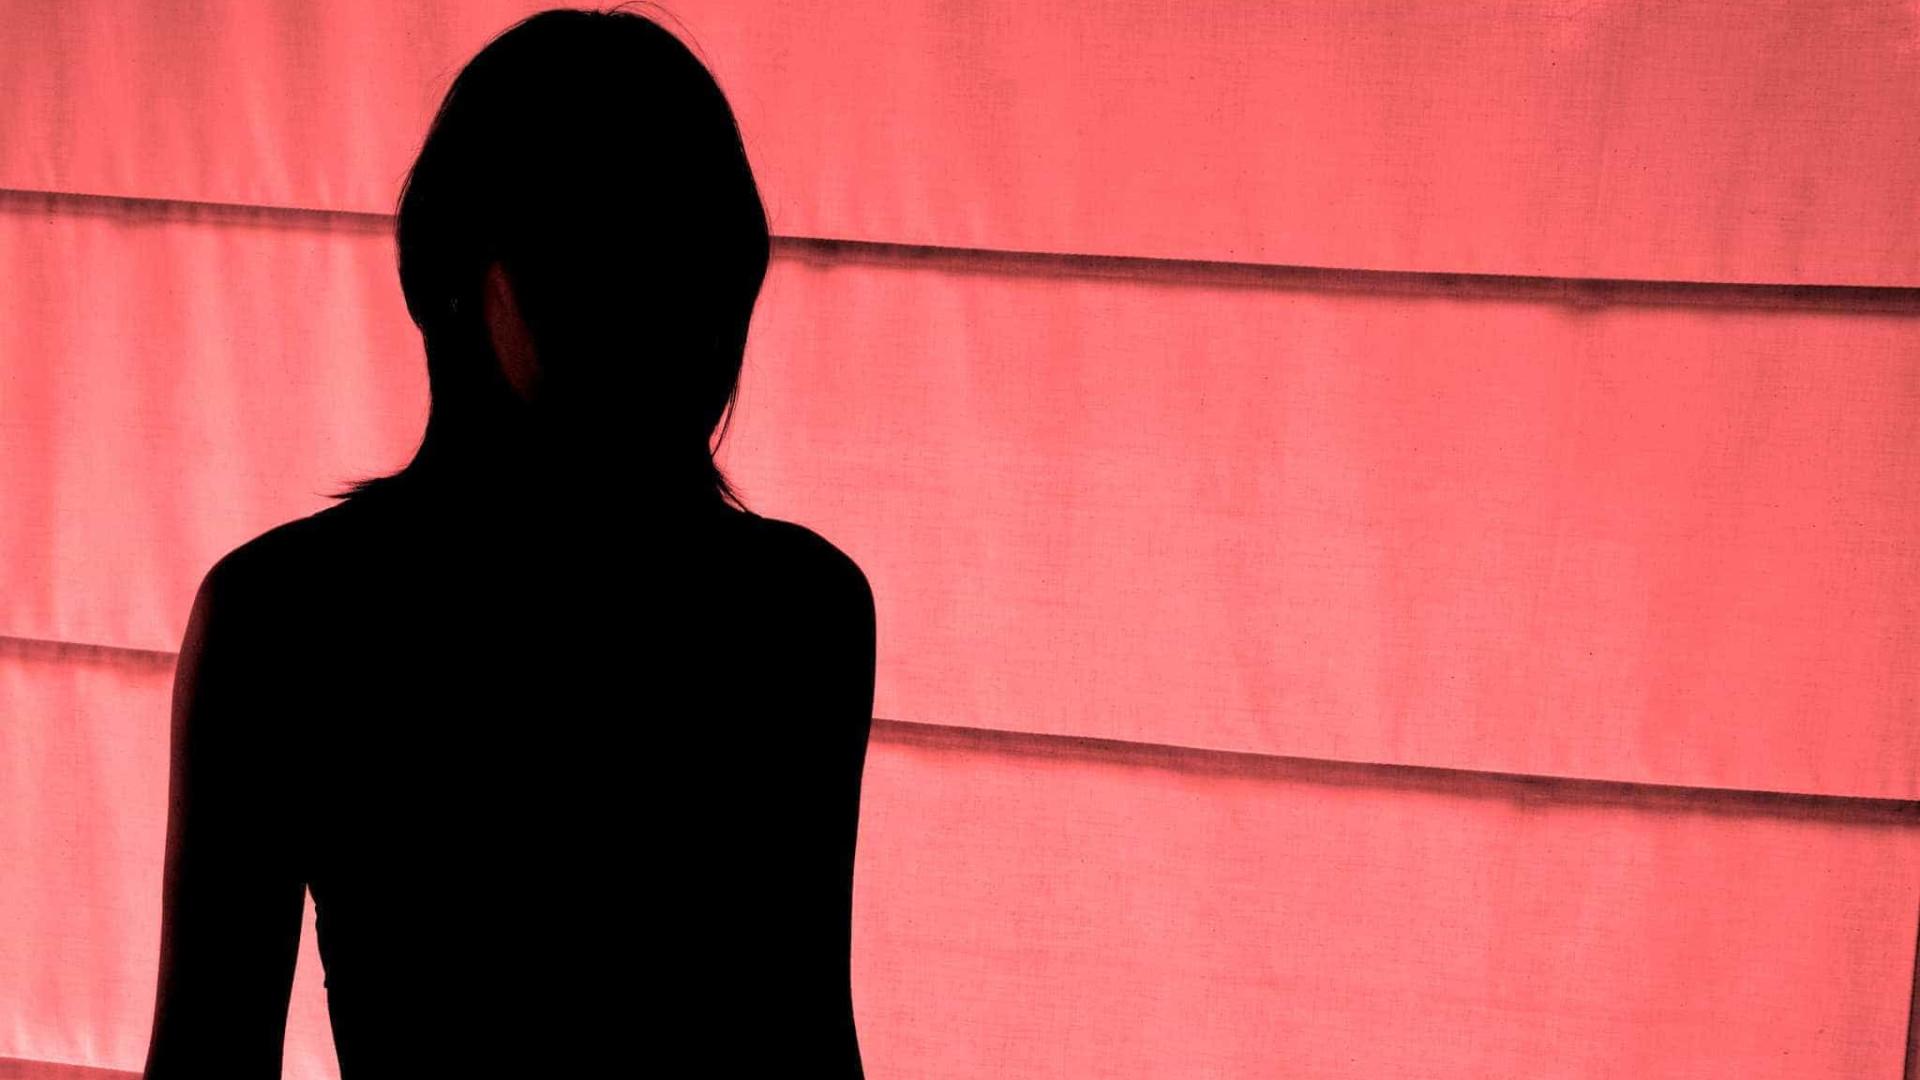 Após festa, levou amiga para lugar ermo e escuro para a violar